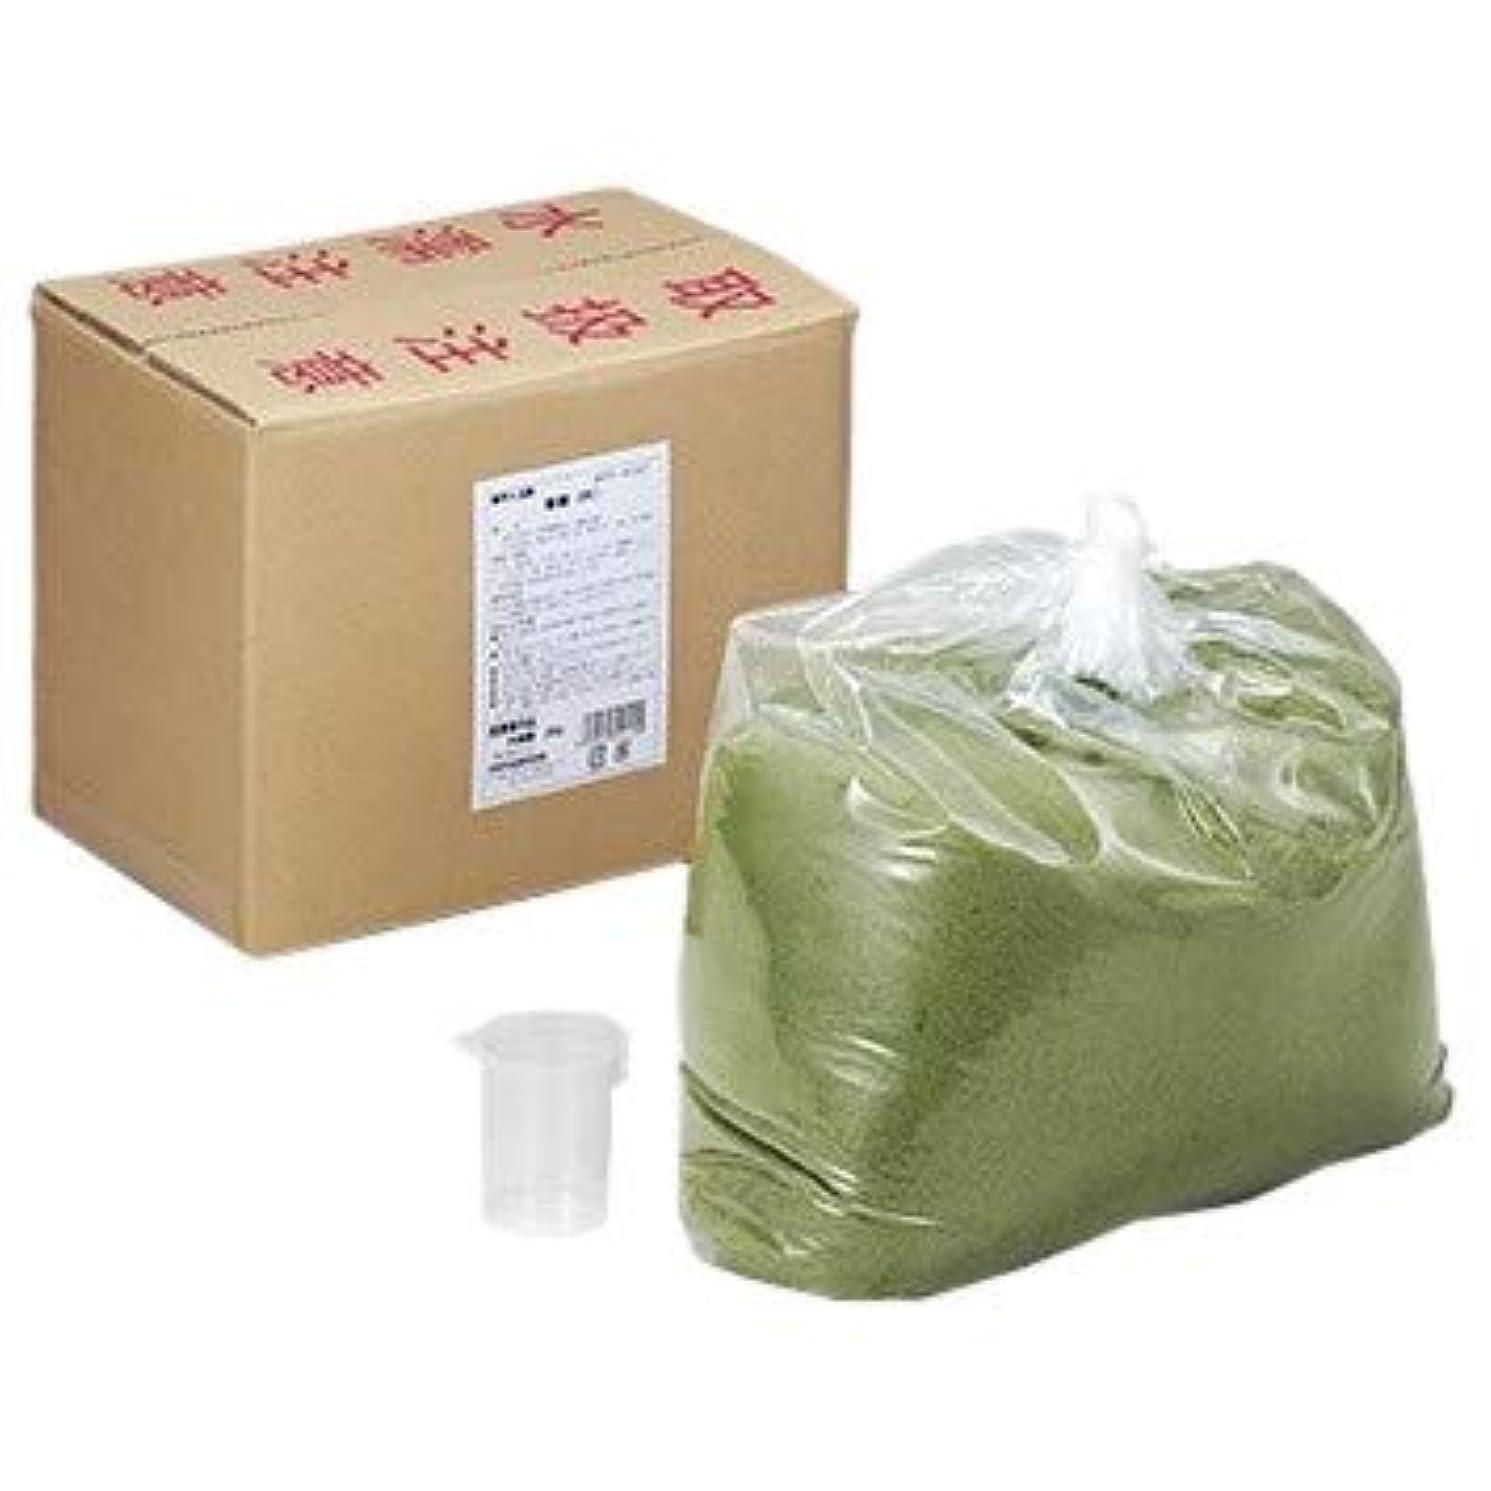 地雷原ビタミンの量新緑 業務用 20kg 入浴剤 医薬部外品